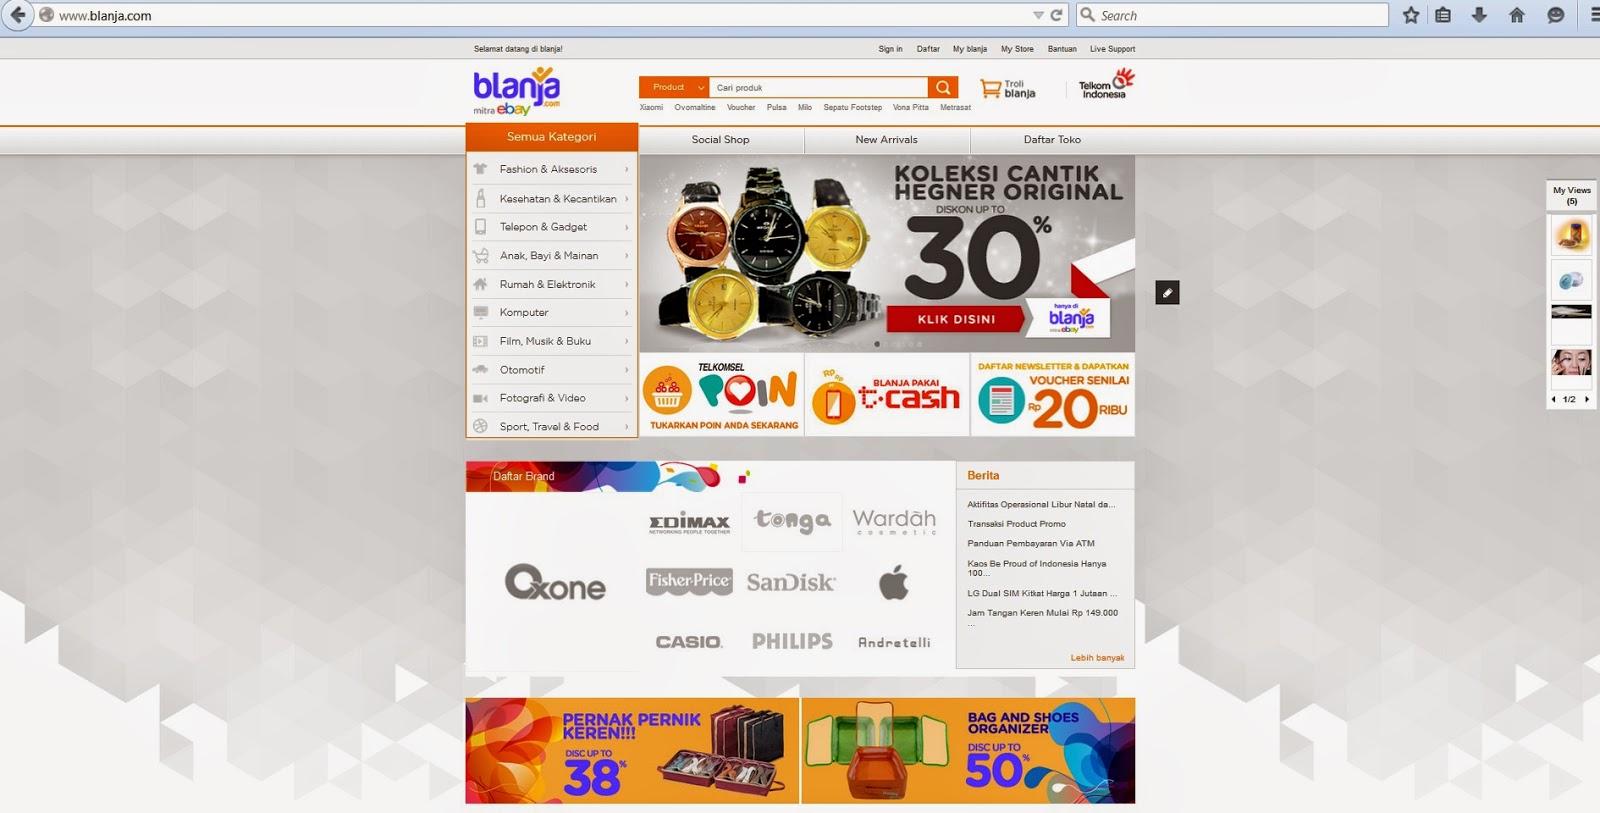 www.blanja.com